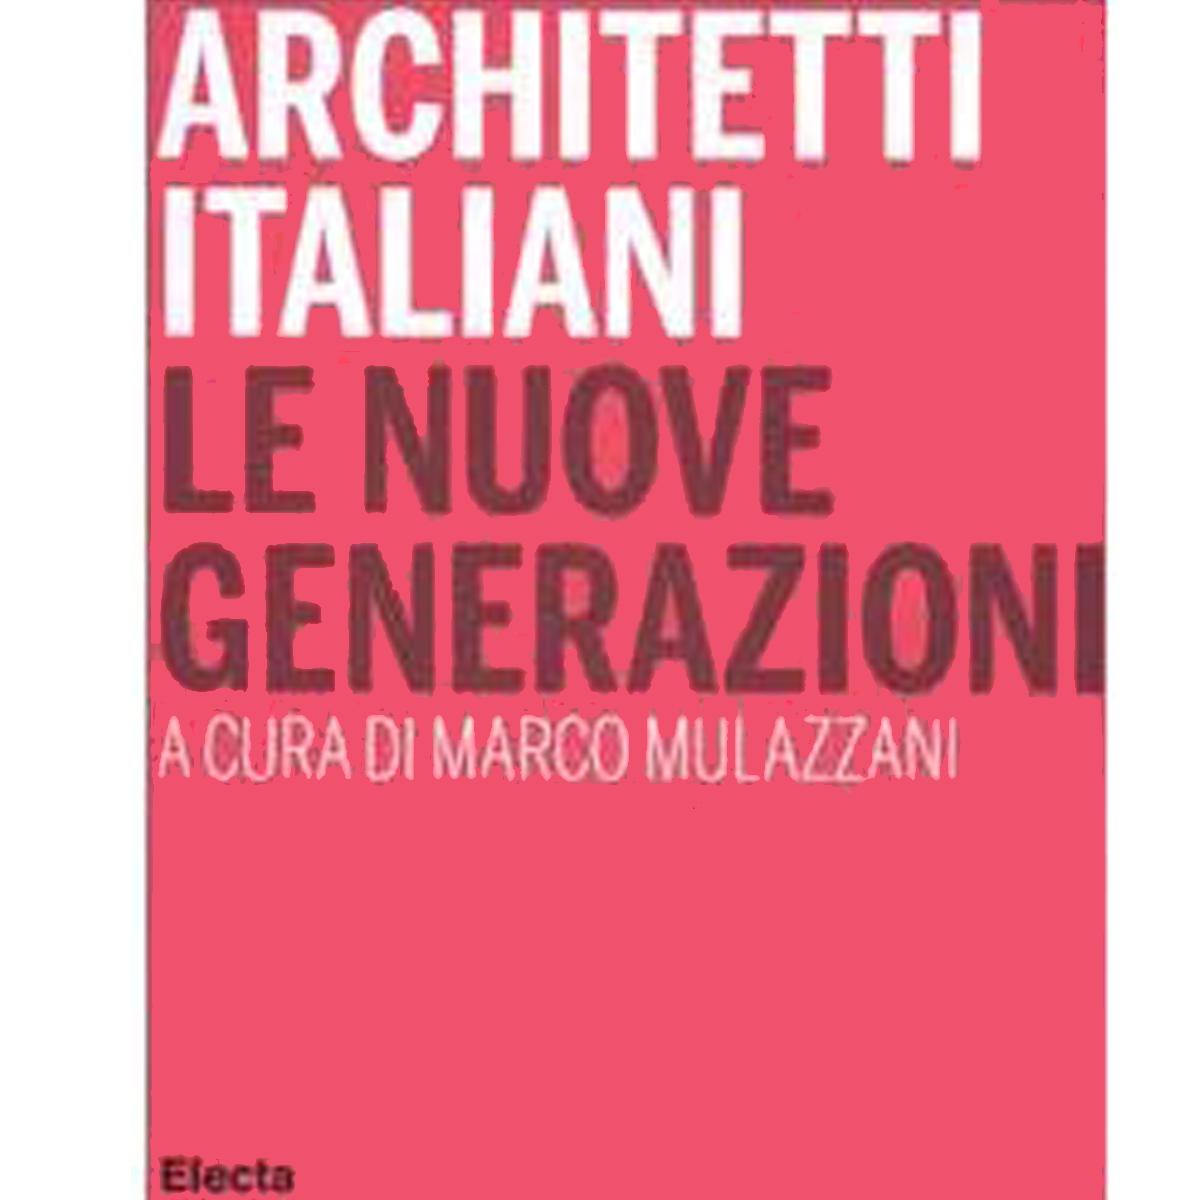 Architetti italiani. Le nuove generazioni